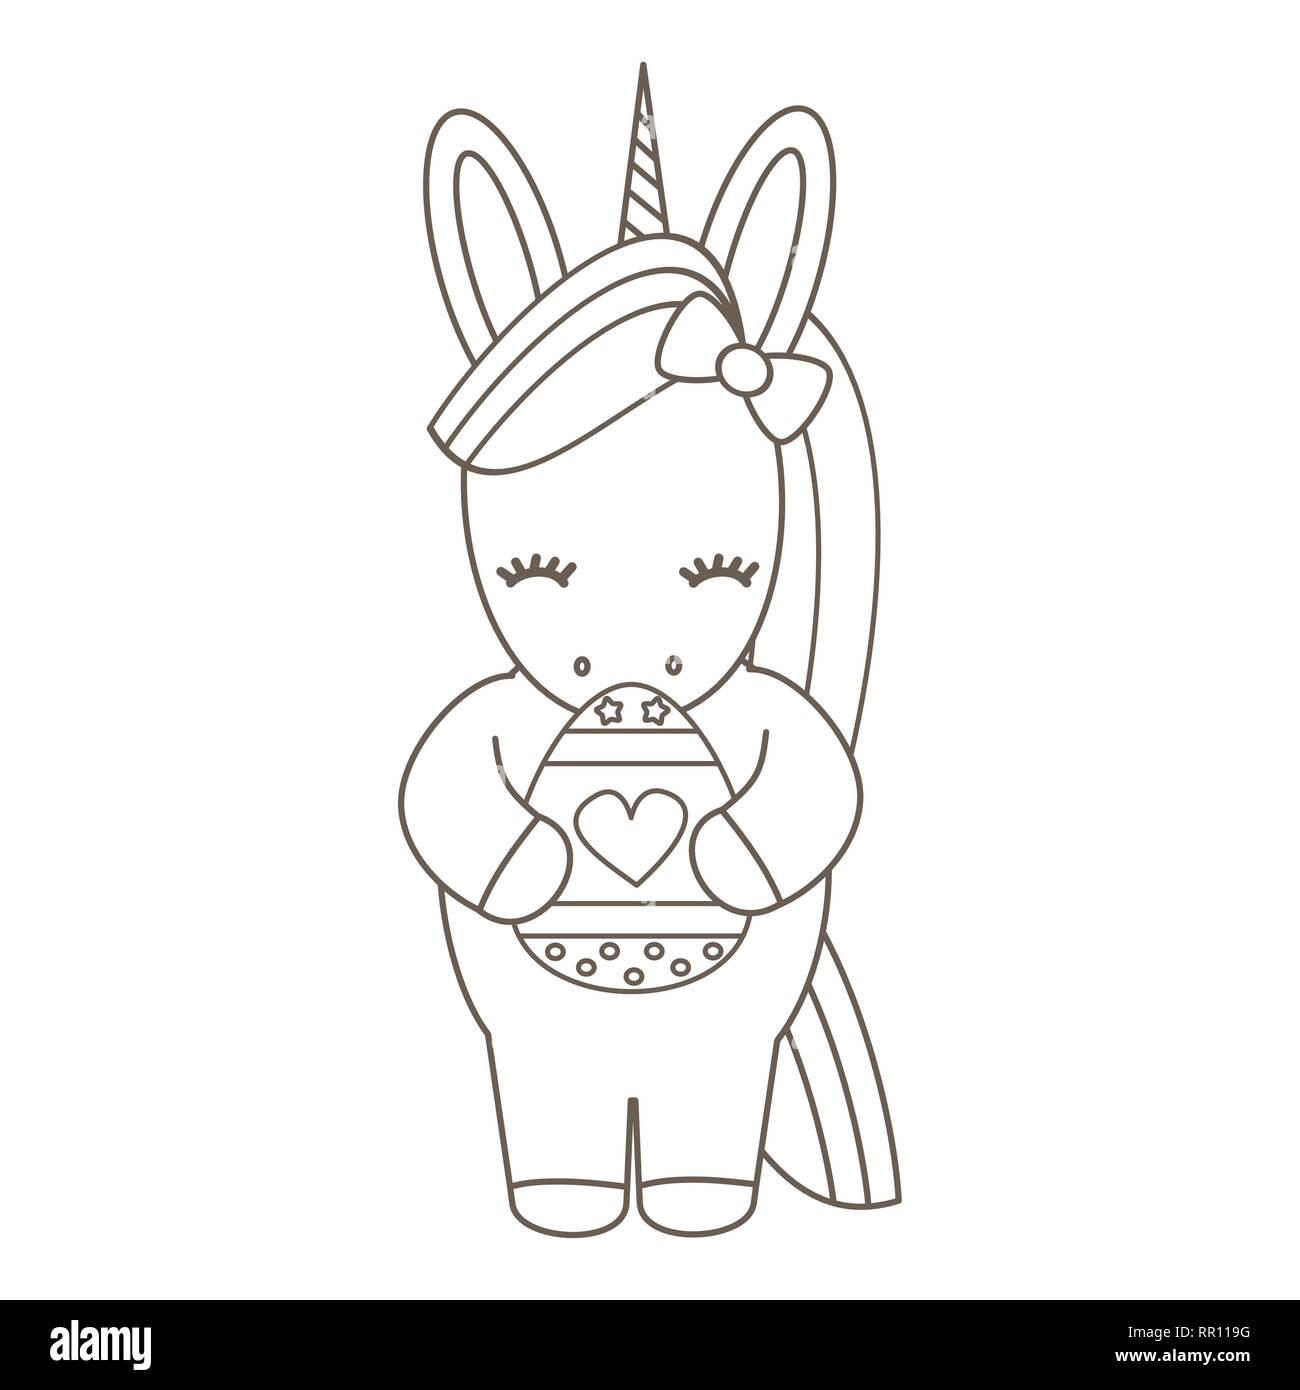 cute cartoon vector black and white